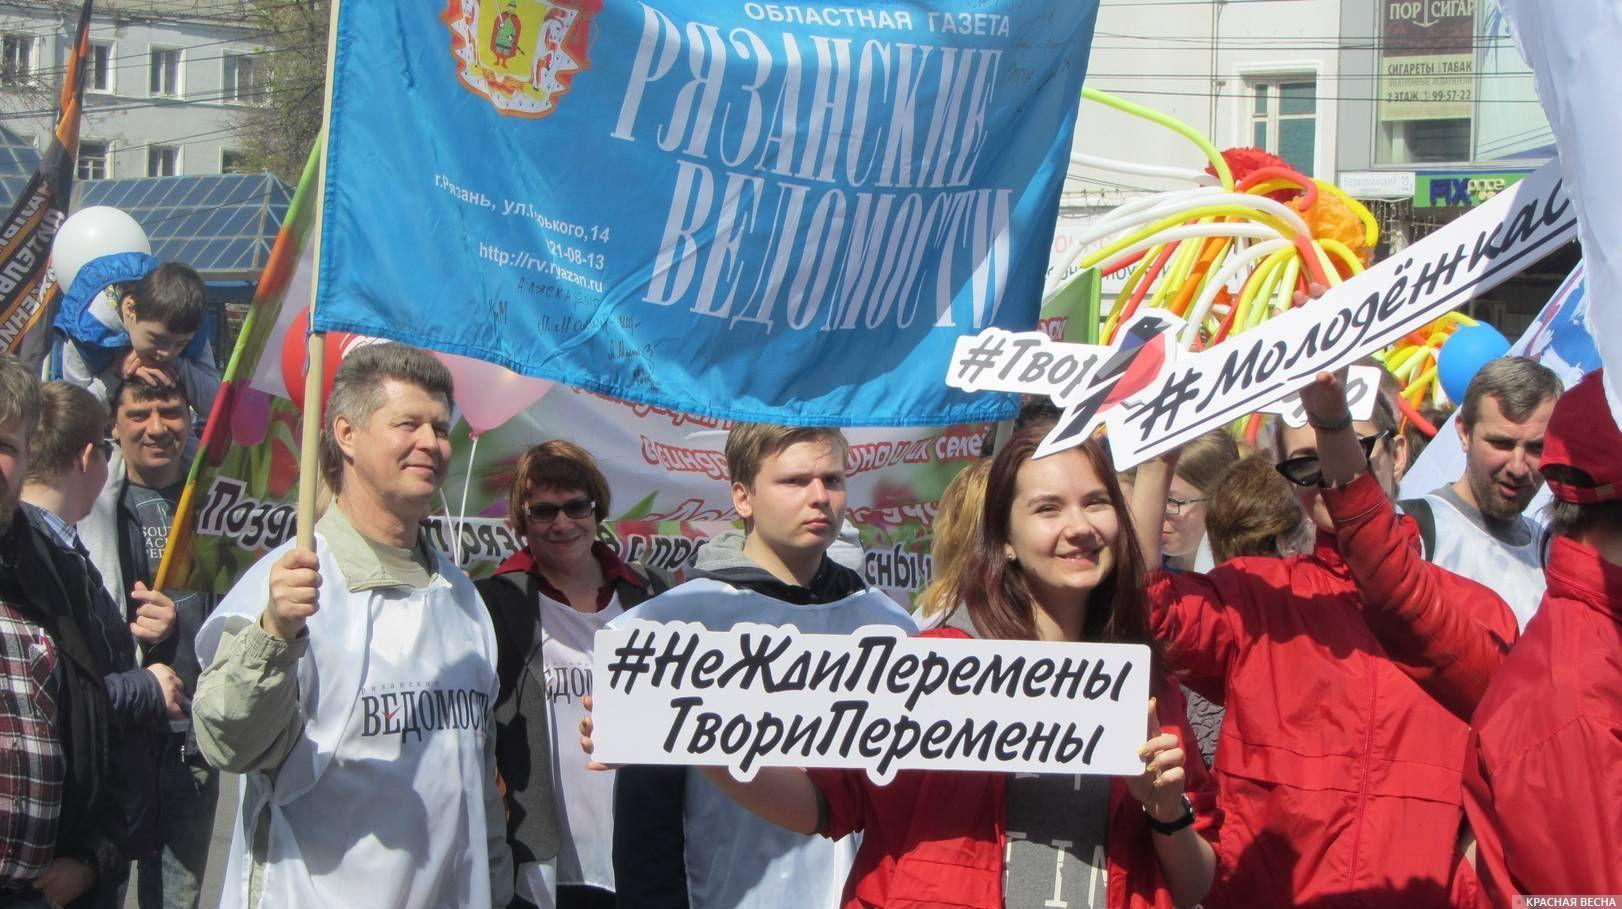 Первомай в Рязани. Молодежь опять заговорила о «переменах», как во времена перестройки